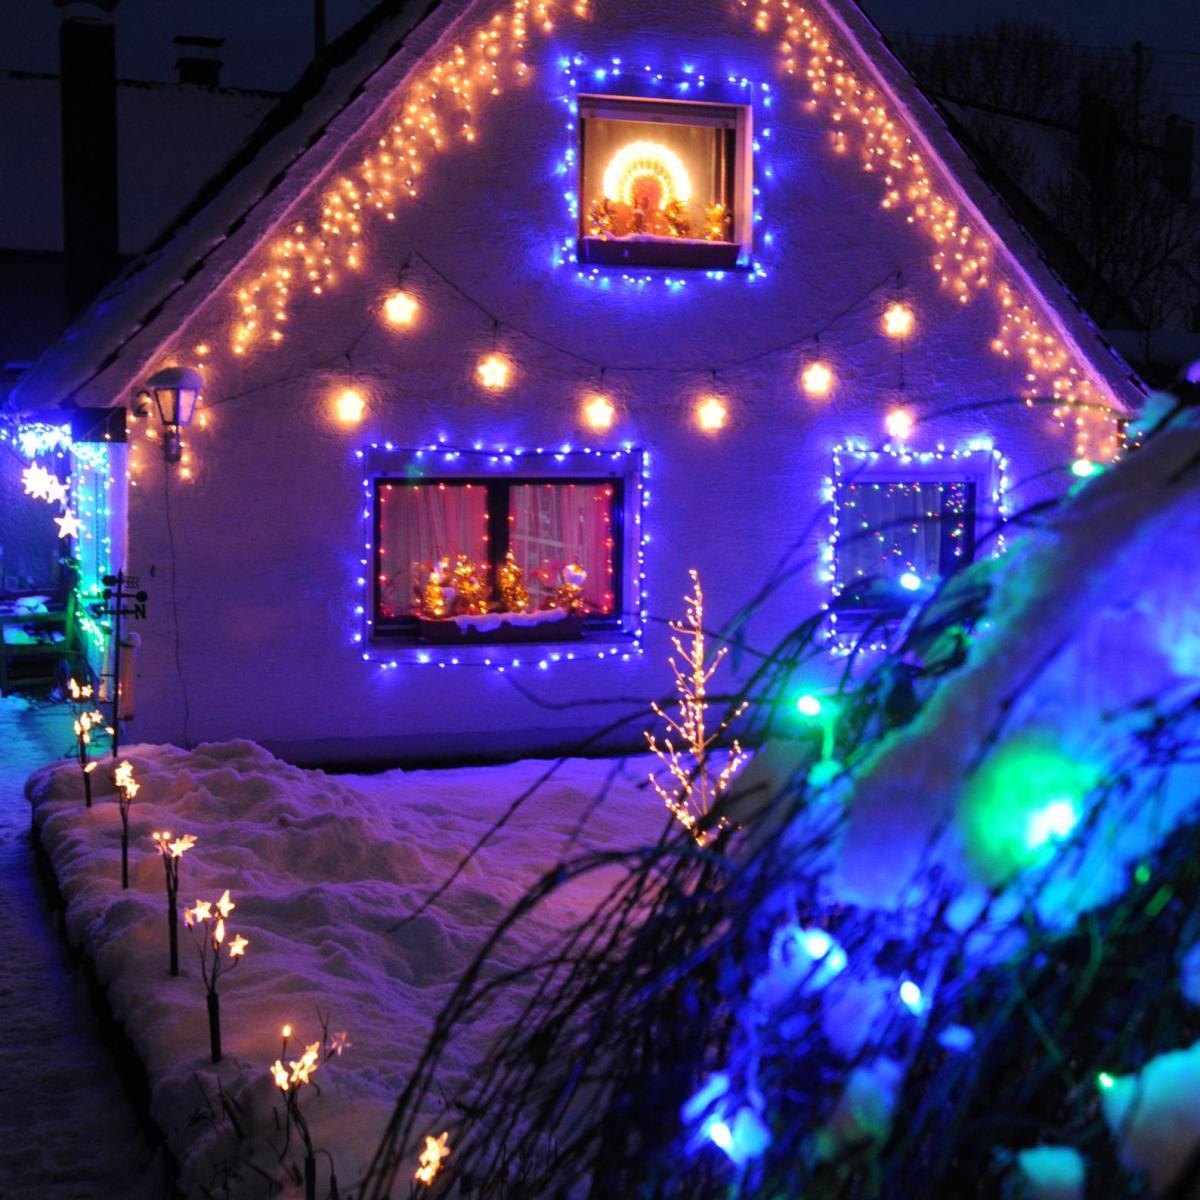 Fotoaktion: Welches Haus leuchtet nachts am schönsten? - Nachrichten ...